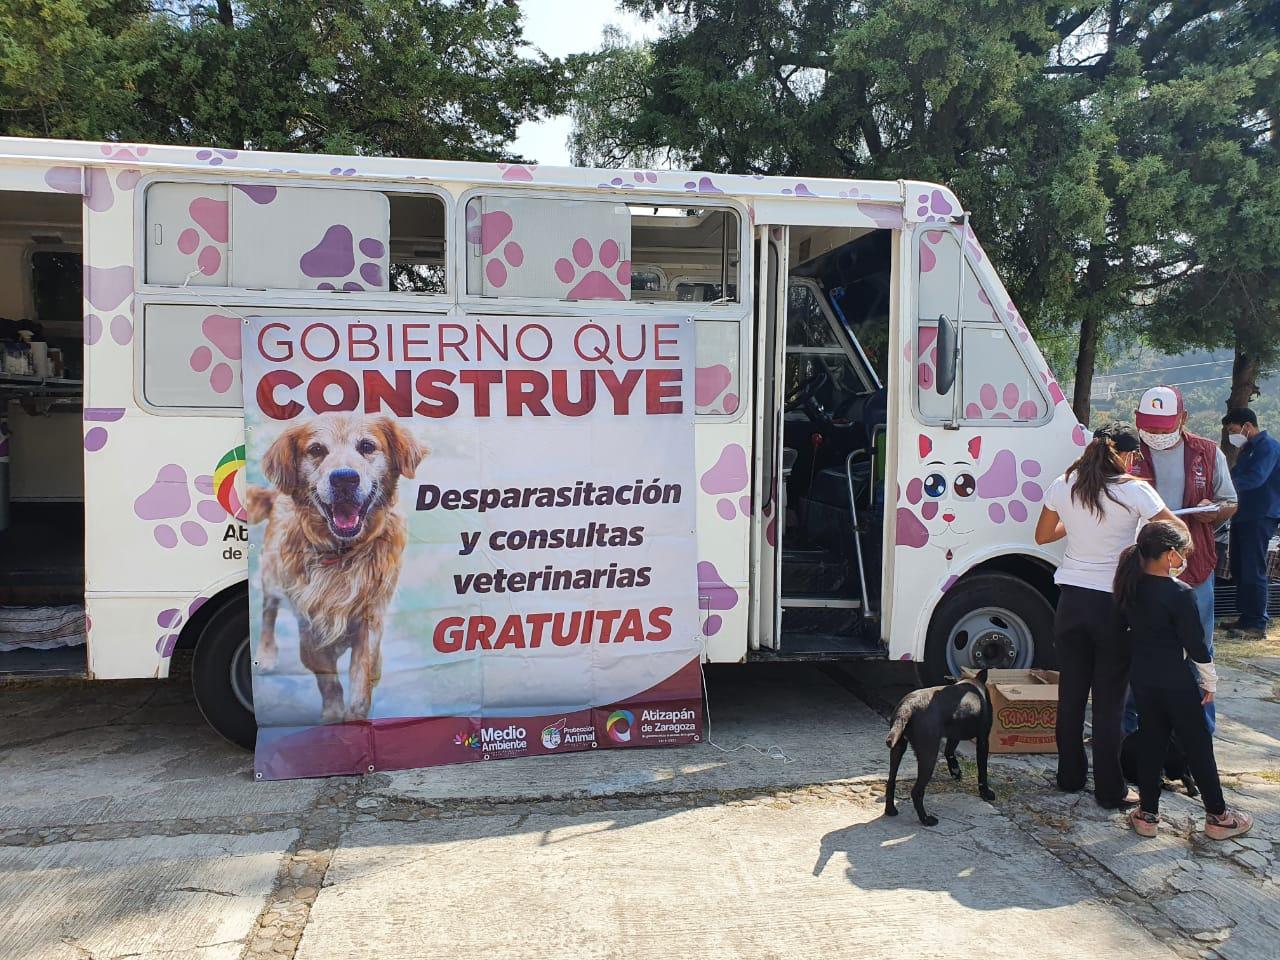 Consultorio móvil para desparasitar mascotas en Atizapán